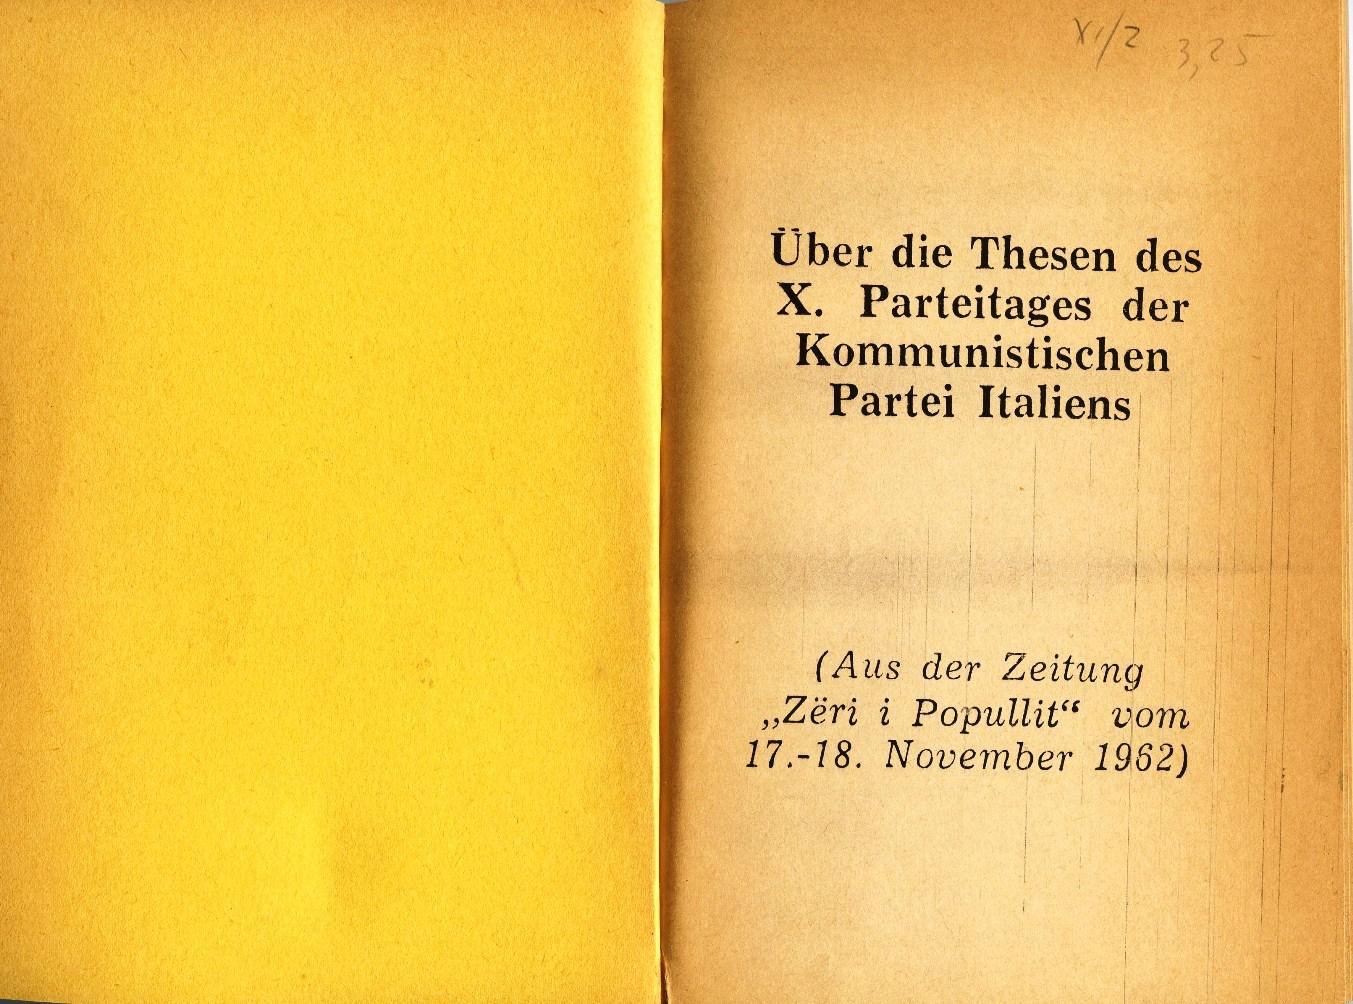 ZB_Thesen_Zehnter_Parteitag_KPI_1972_02